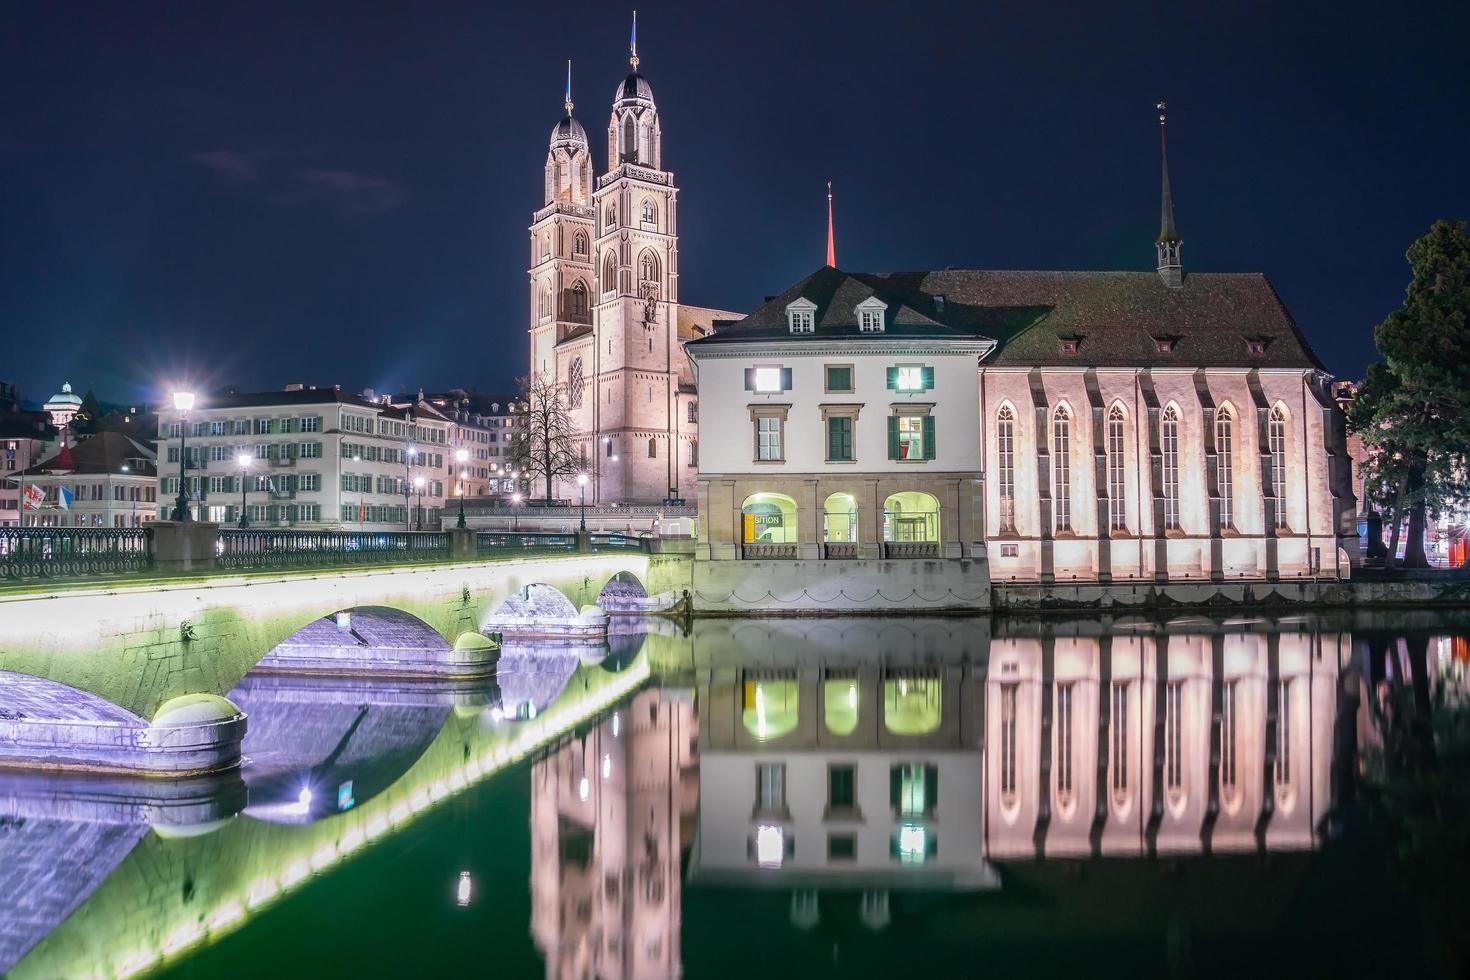 Casco antiguo de Zurich desde el río Limmat, Suiza, 2018 foto